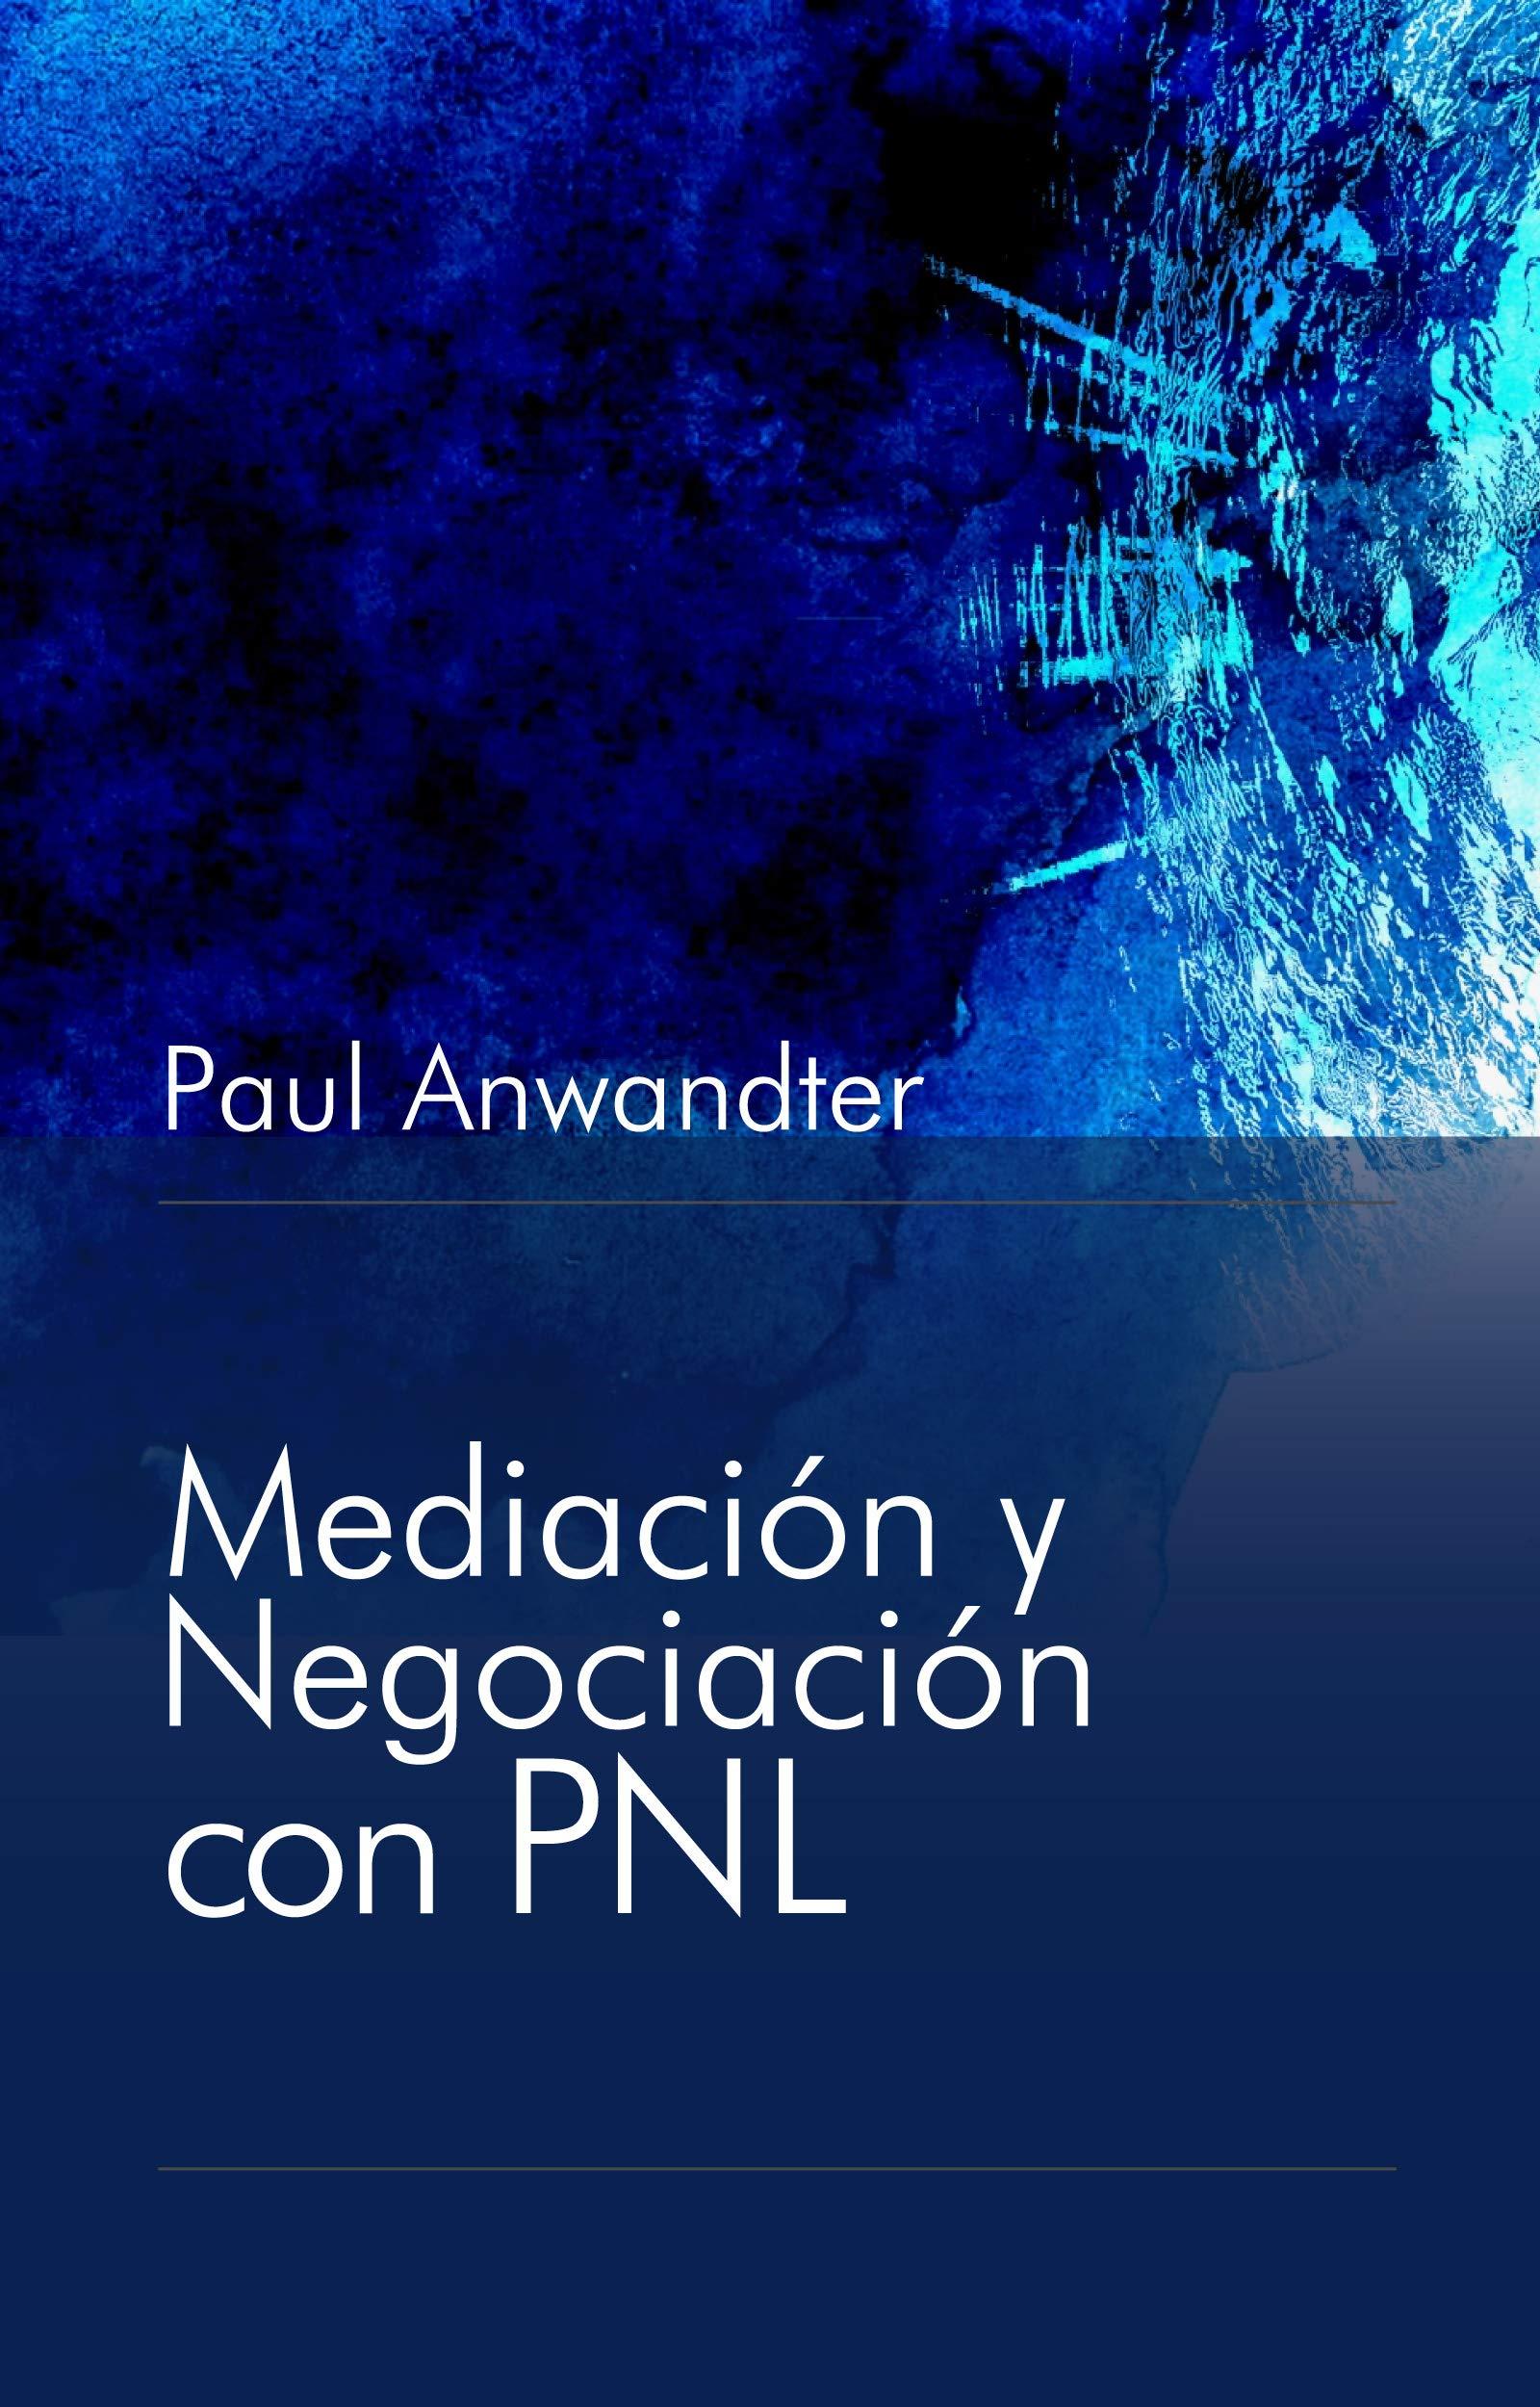 Mediación y Negociación con PNL (Spanish Edition)